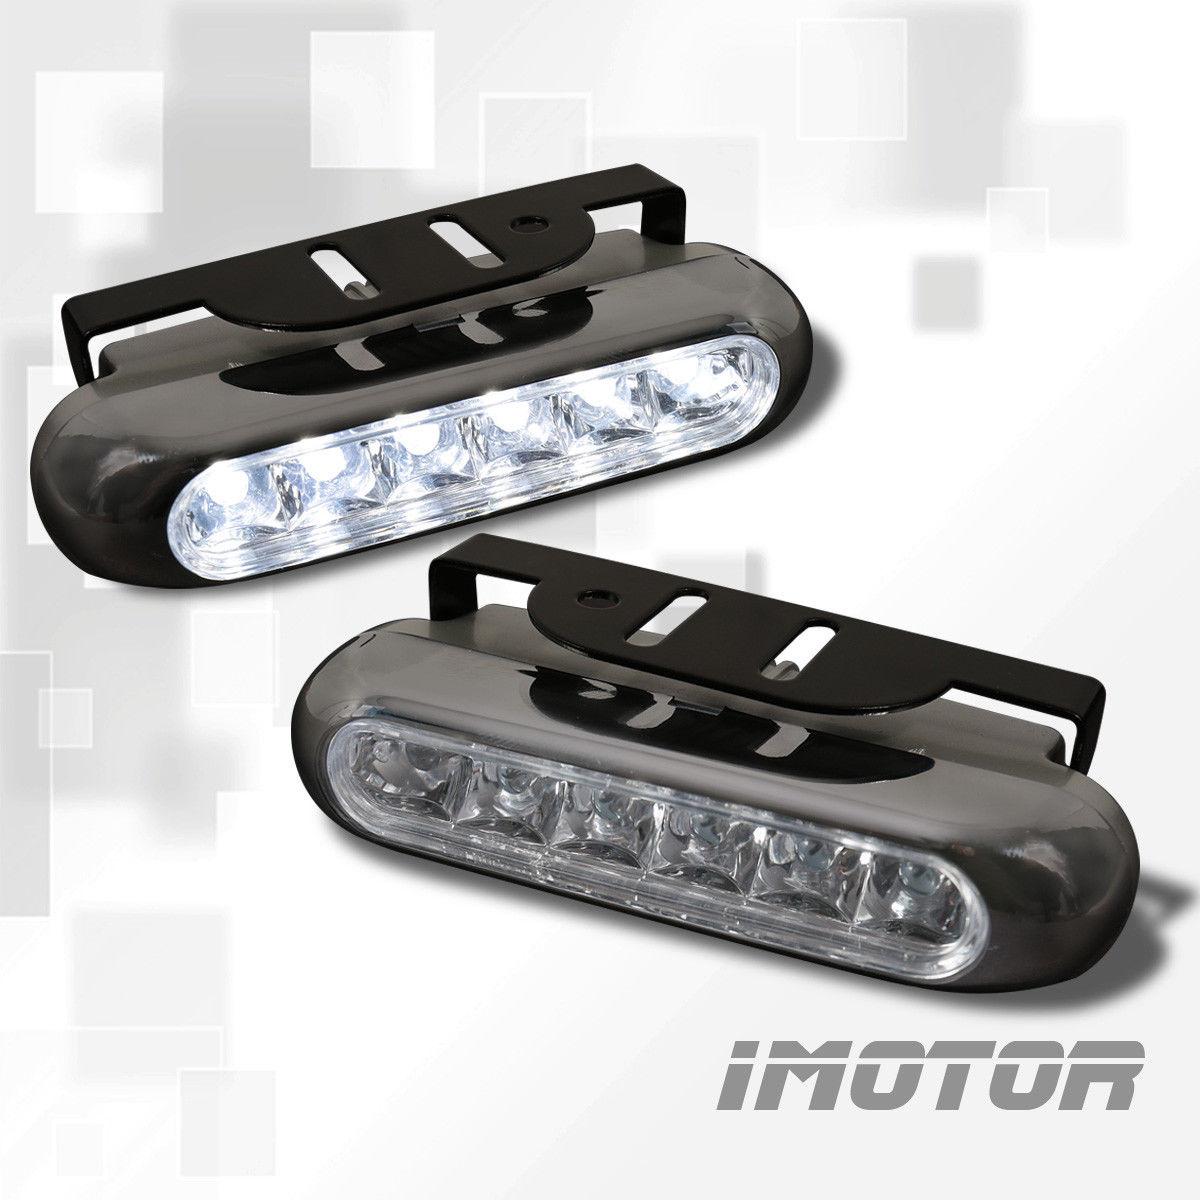 フォグライト AUDI STYLE BLACK COVER 6-LED DRL DAYTIME RUNNING BUMPER FOG LIGHTS LAMPS AUDI STYLE BLACK COVER 6 LED DRL日中ランニングバンパーFOG LIGHTS LAMPS